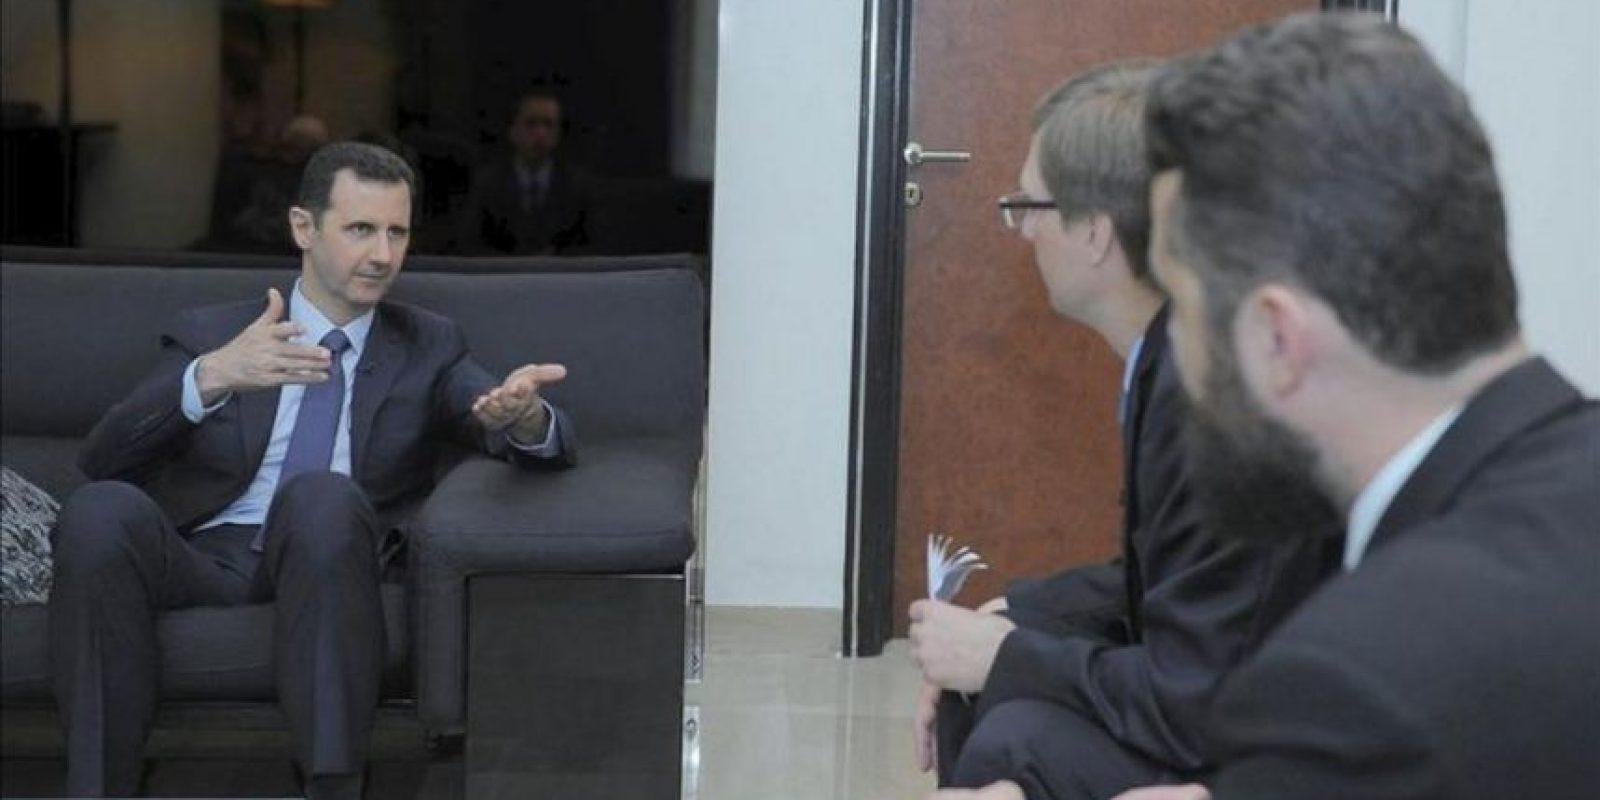 Fotografía de fecha desconocida facilitada hoy, lunes 26 de agosto de 2013 por la Agencia siria SANA que muestra al presidente sirio, Bachar al-Asad (izda), durante una entrevista para el diario ruso Izvestia en Damasco (Siria). Asad ha negado el uso de armas químicas en la entrevista publicada por Izvestia. EFE